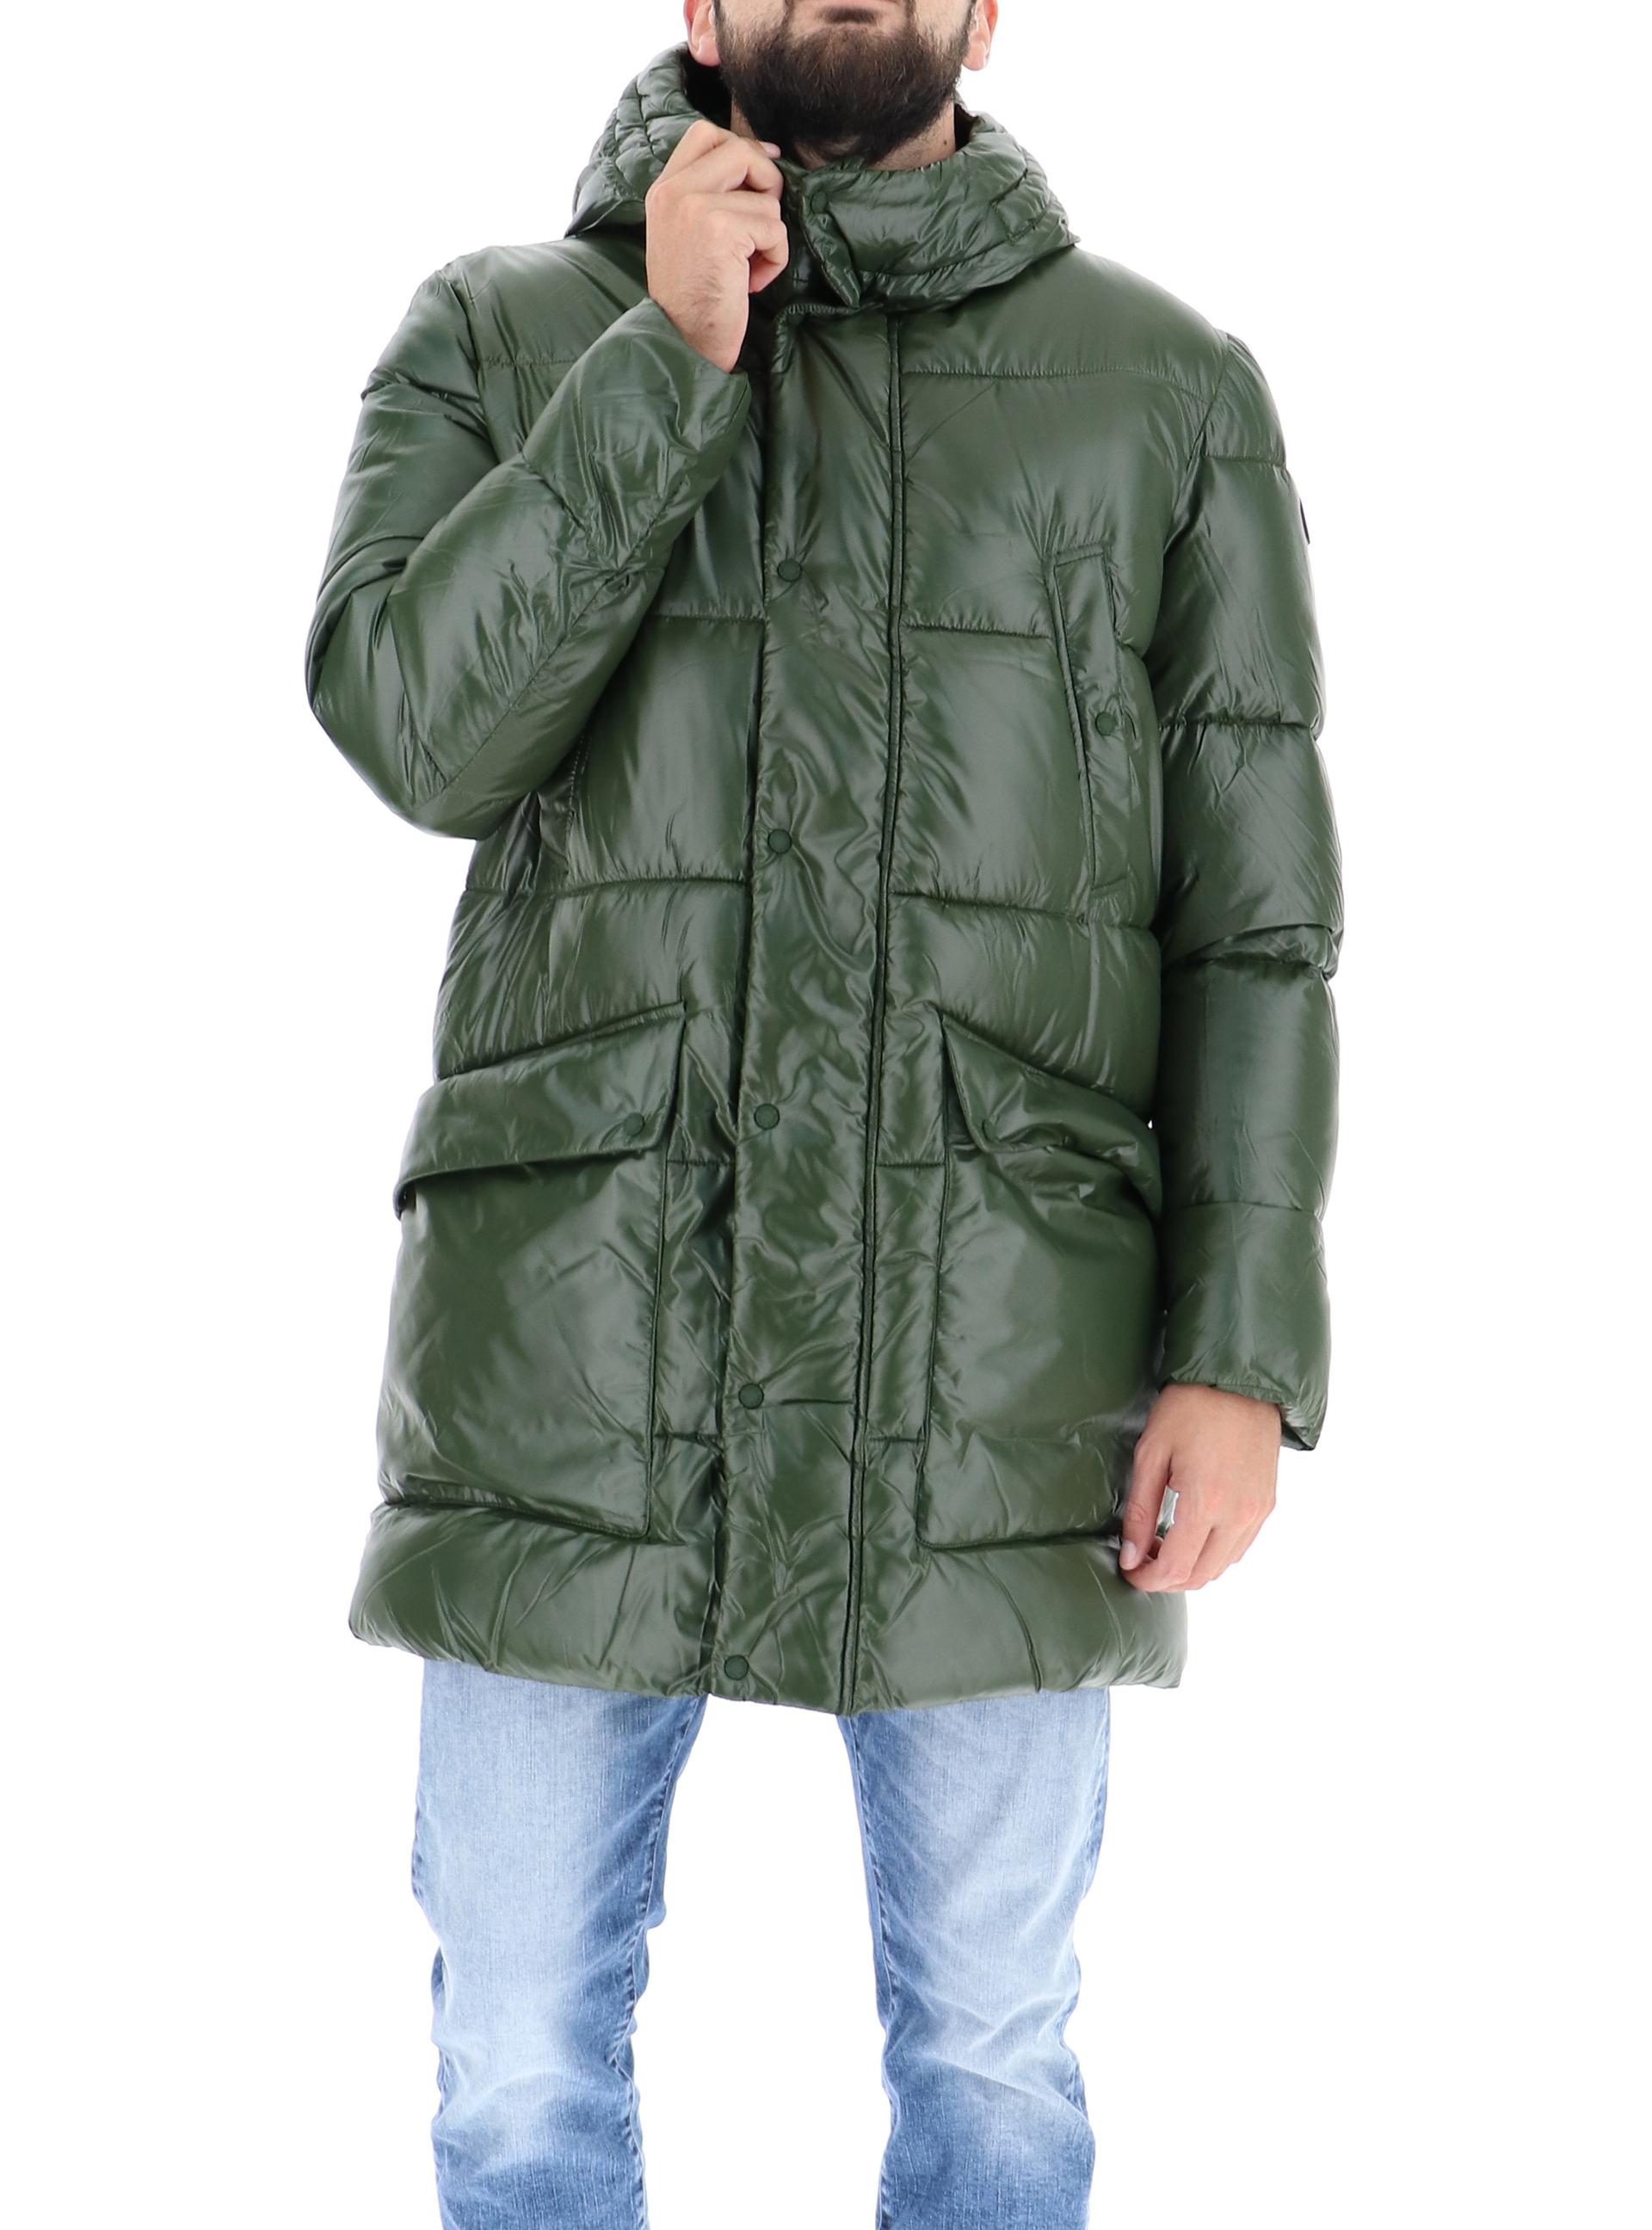 giacche e The Duck Save d4469m Ramonda Sorelle uomo giubbini verde  RvwXIxFIqd 8574515f9d6